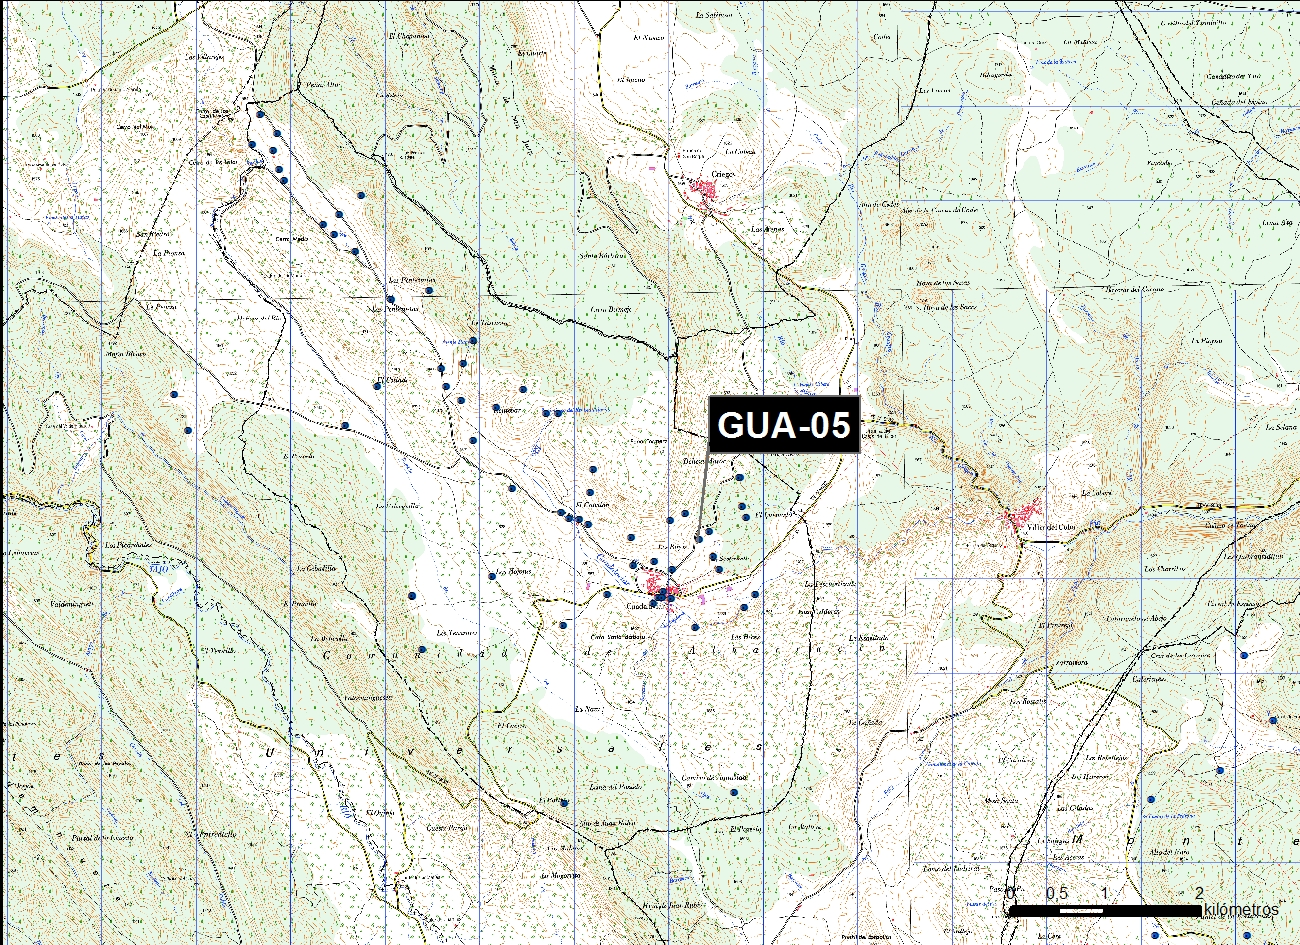 GUA_05_M.V.LOZANO_HUMIDEROS_MAP.TOPO 1